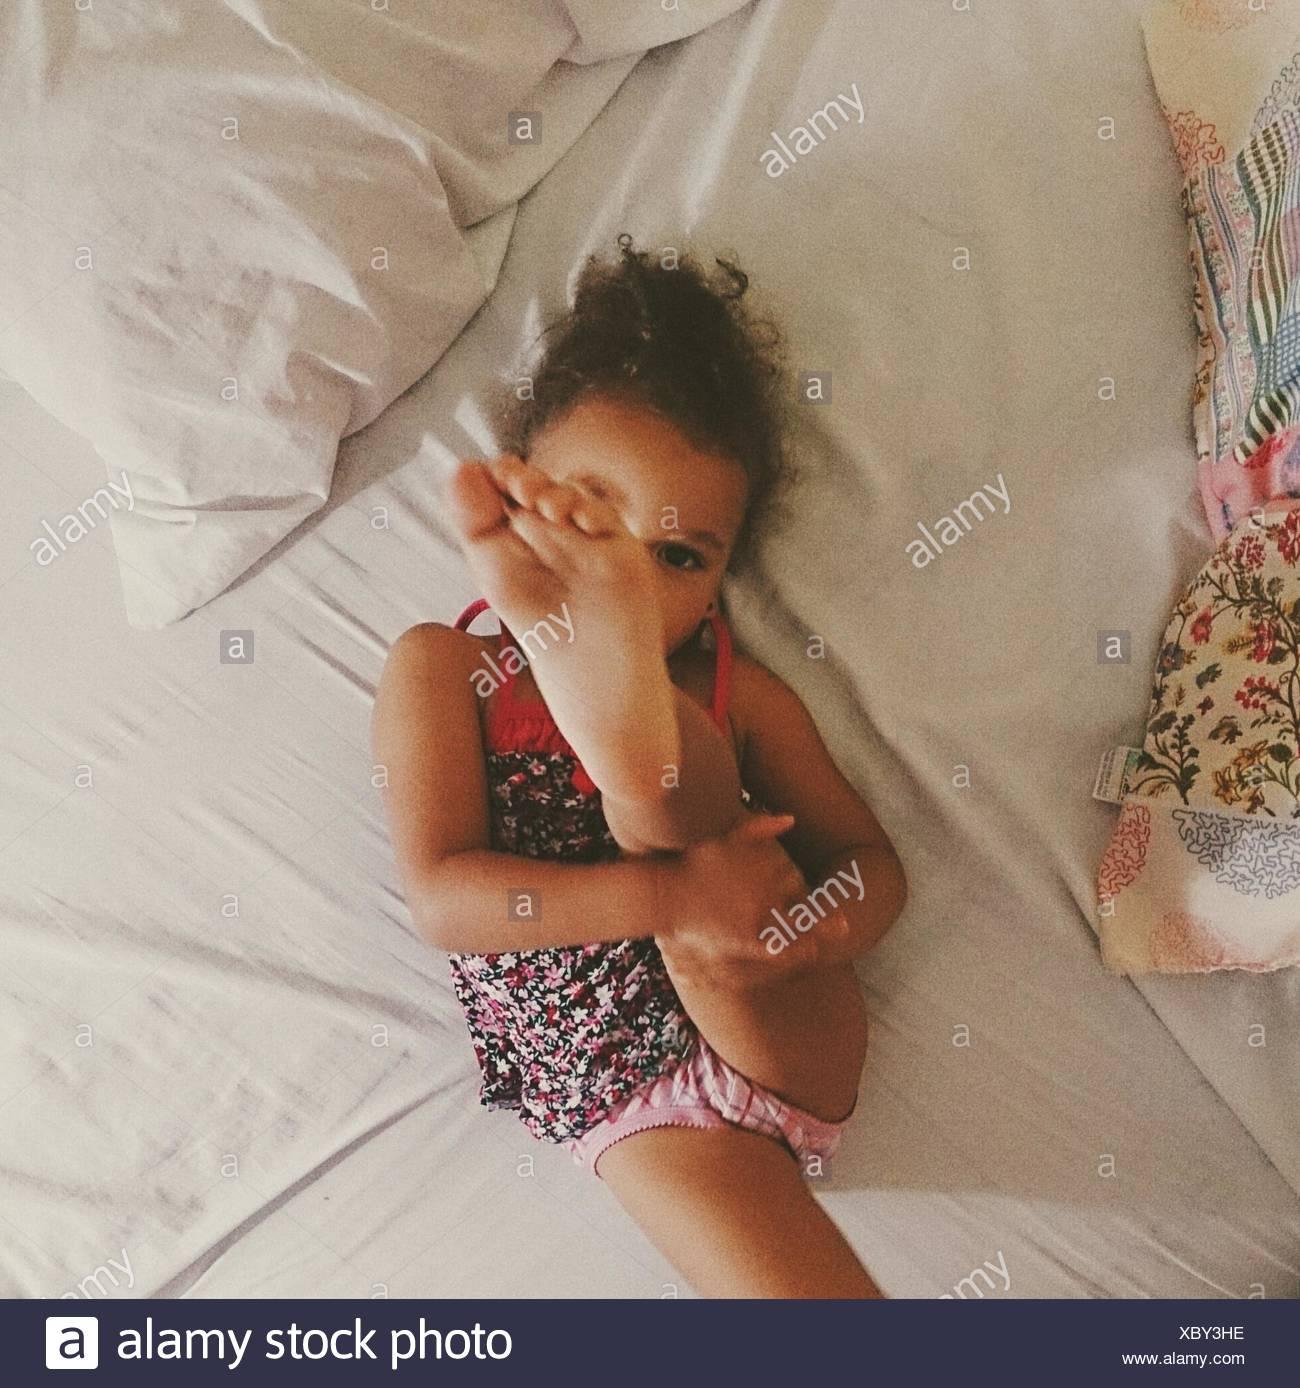 Angolo di Alta Vista della ragazza con piedi durante i momenti di relax sul letto Immagini Stock